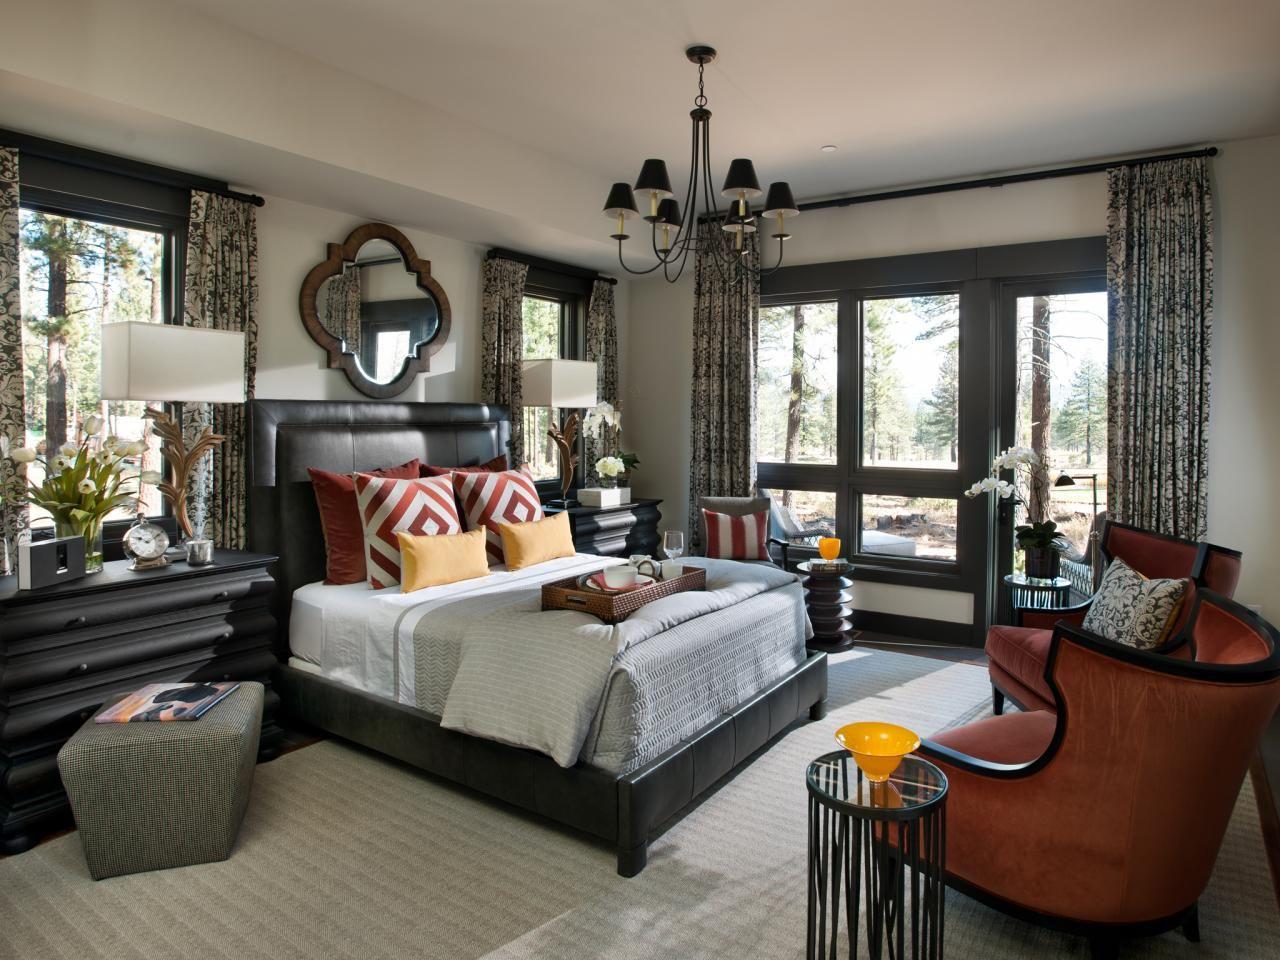 Dream Home Bedrooms Recap Dream Master Bedroom Home Bedroom